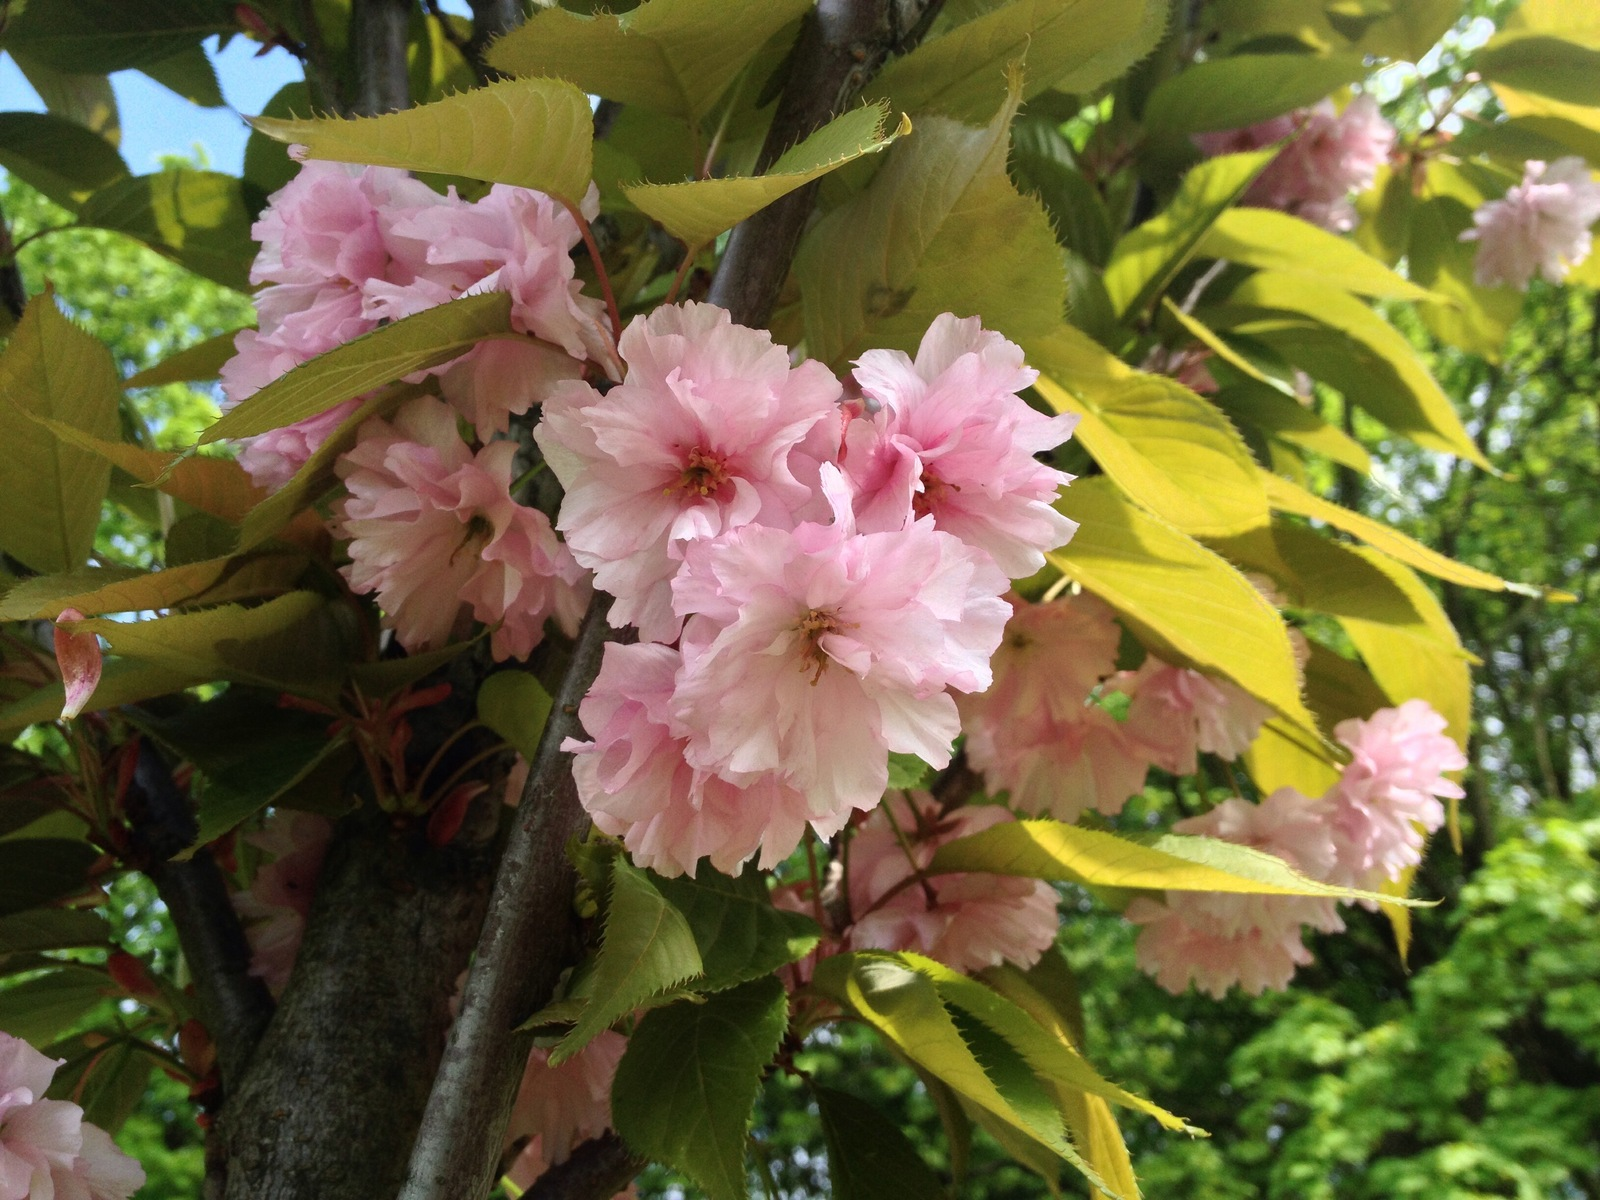 Hanami, czyli kwiaty podziwiamy! Co tojest hanami?